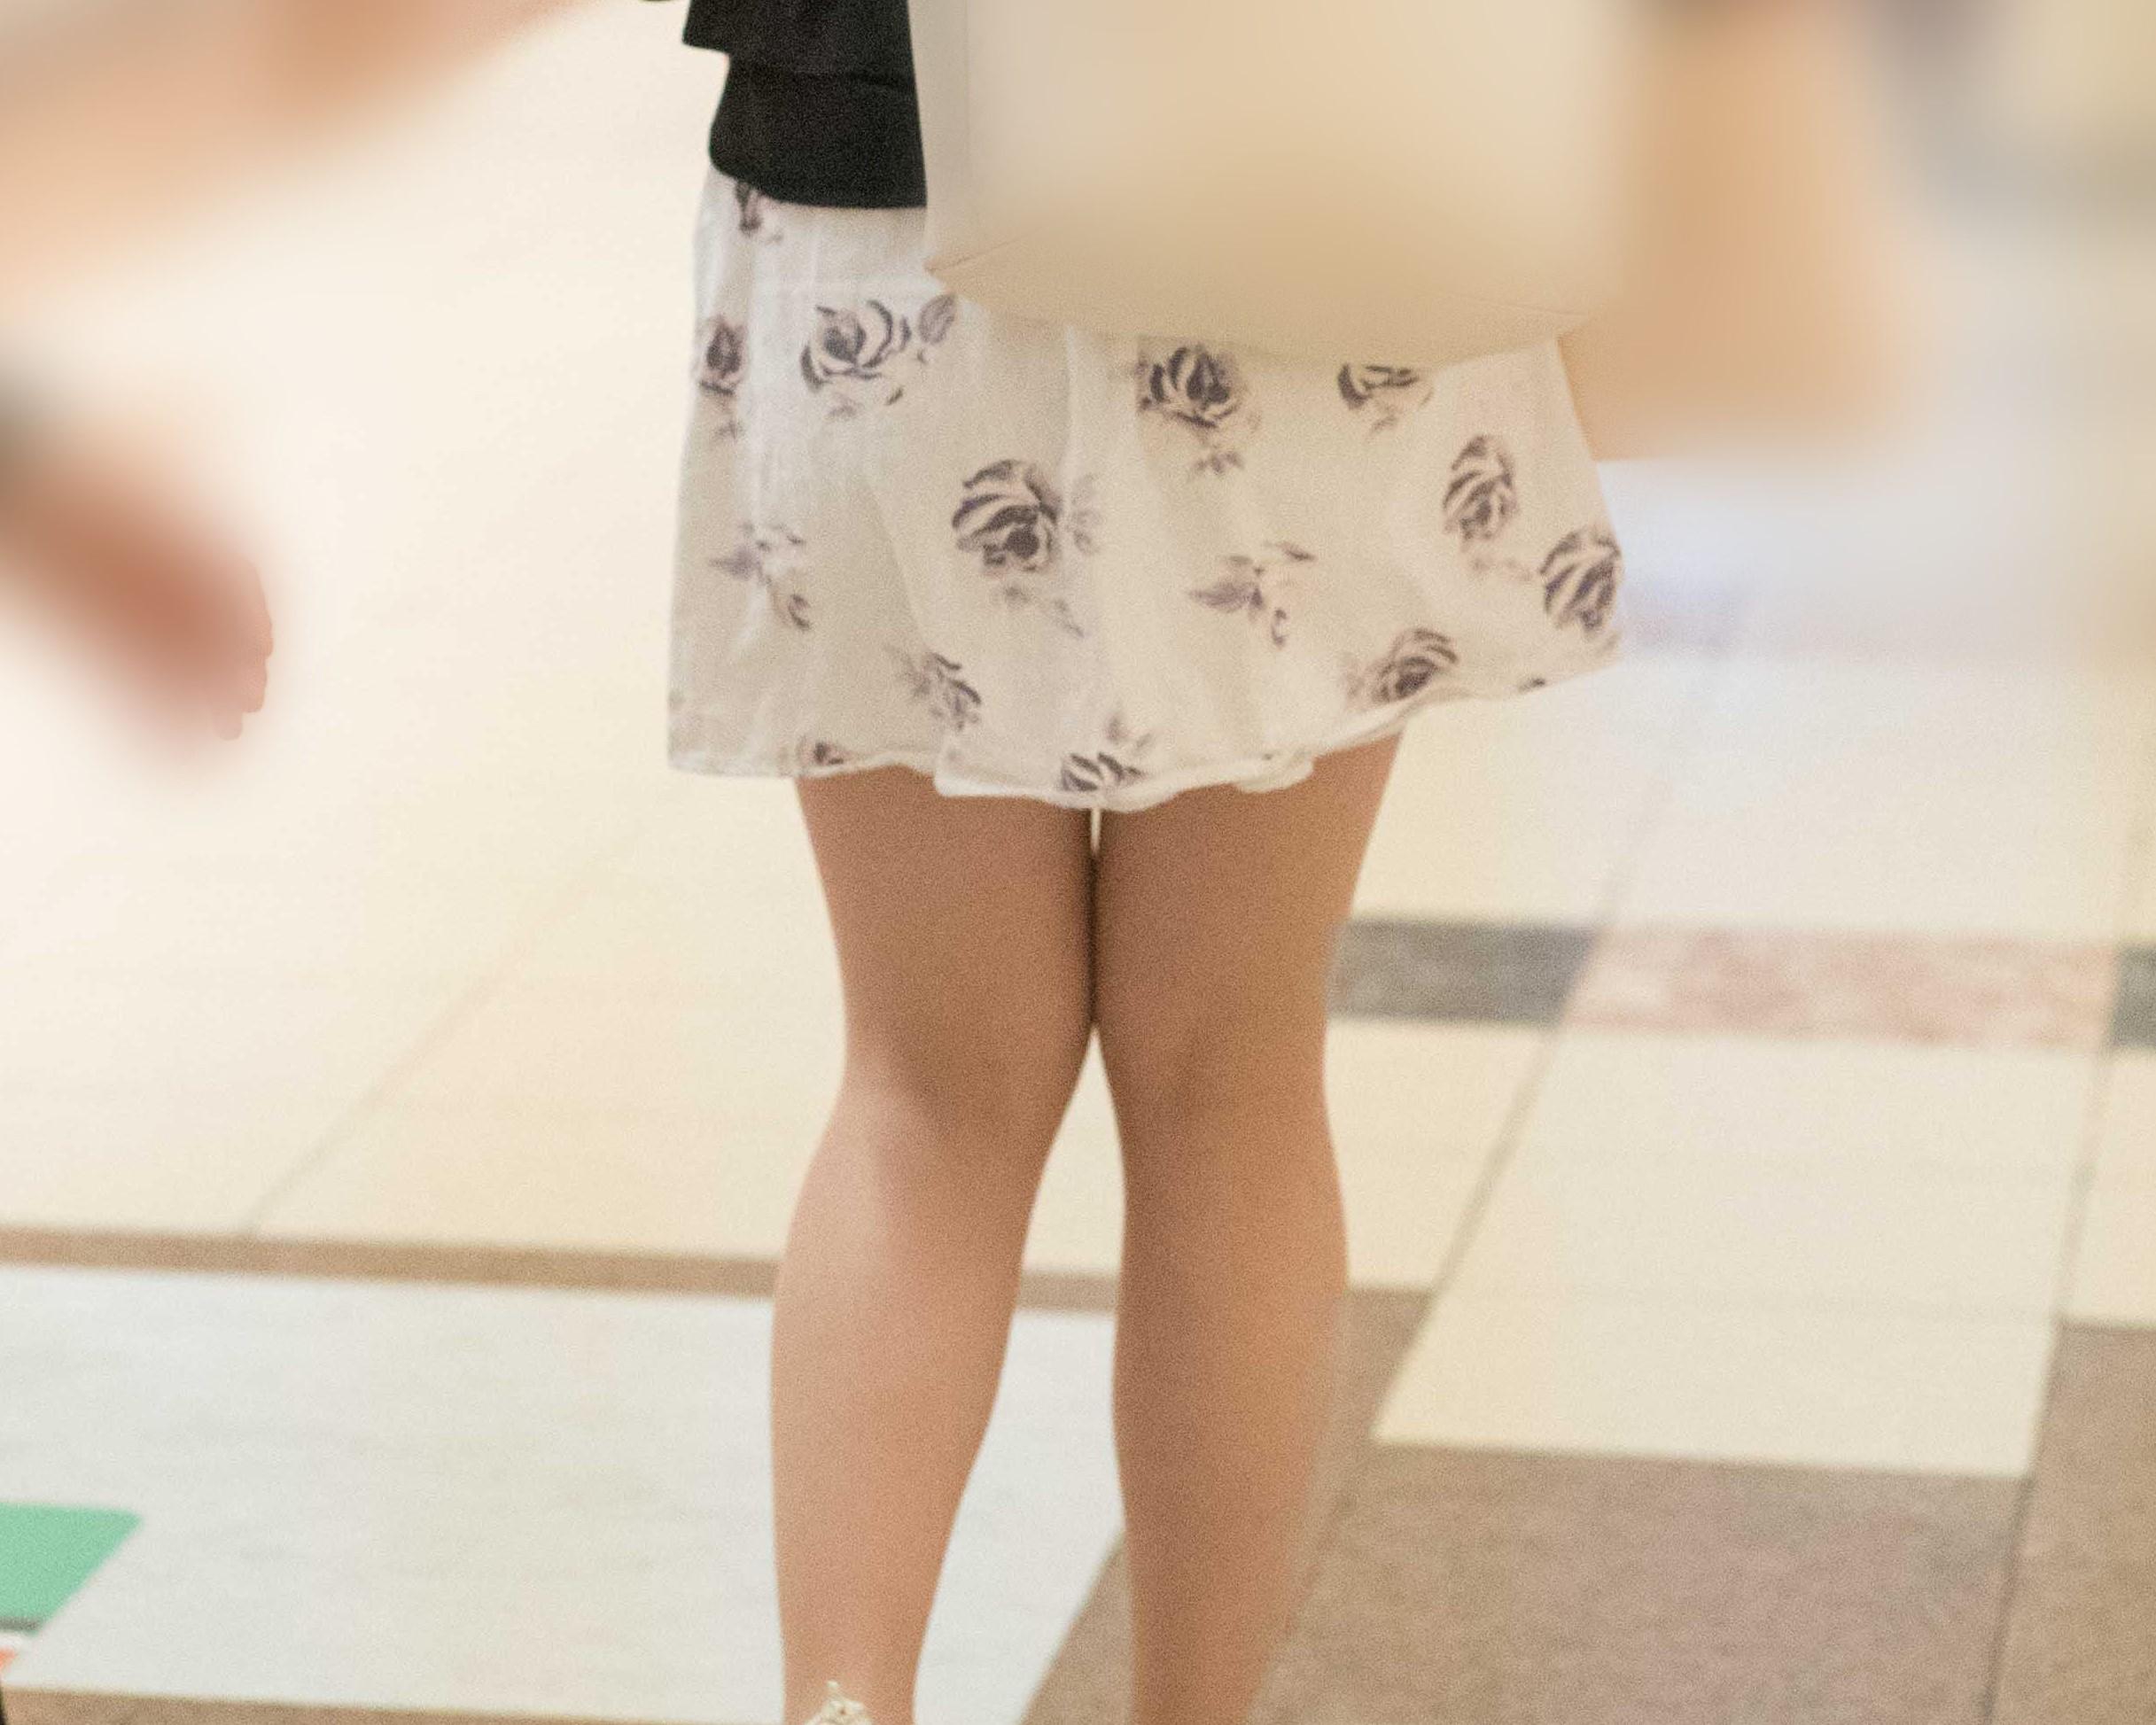 ふわふわミニスカのお姉さんの生足を接写撮影!